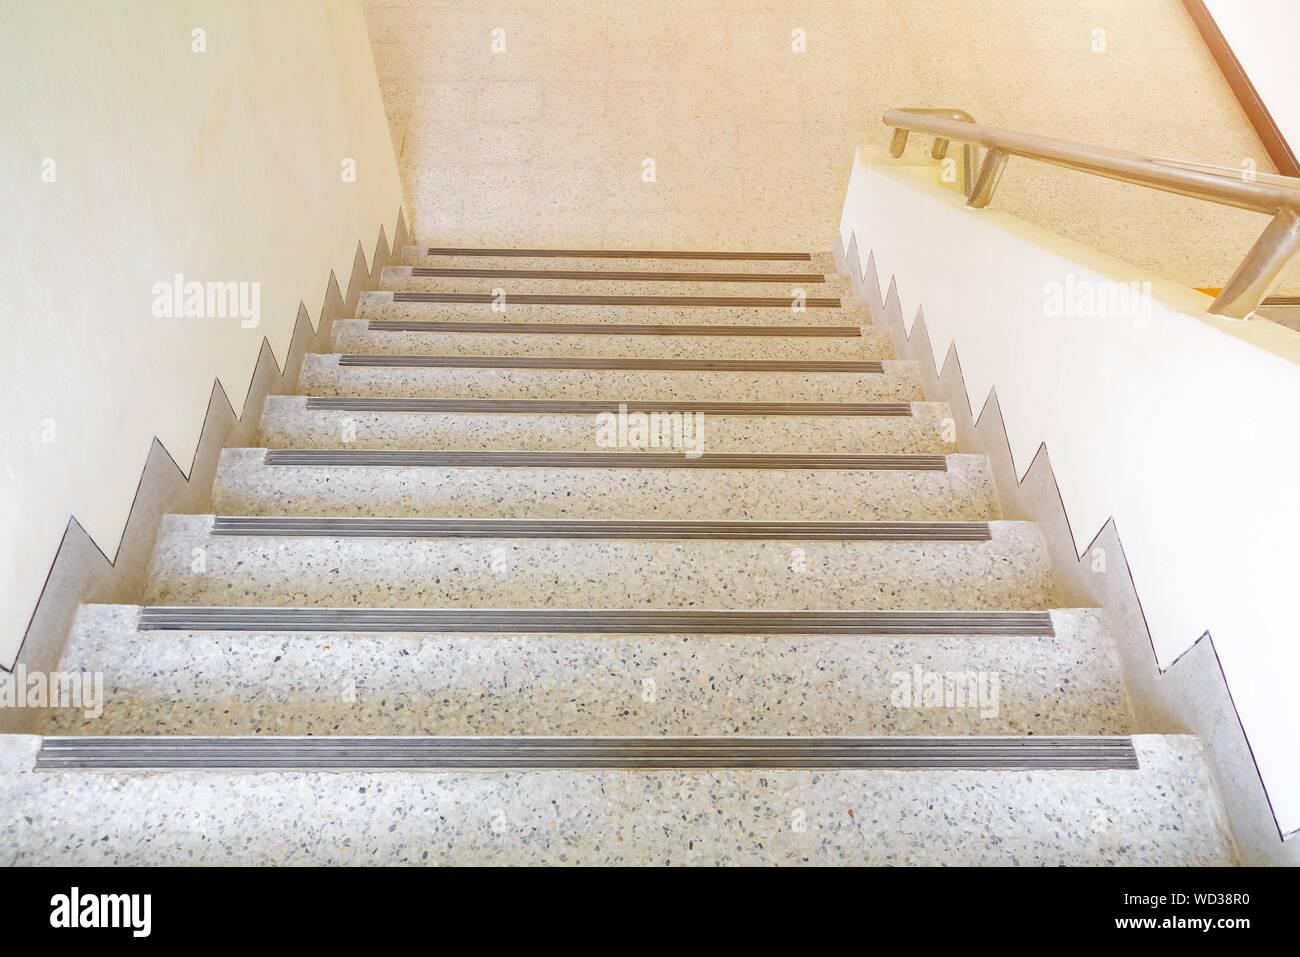 Stairs Terrazzo Floor Walkway Up Down Interior Building